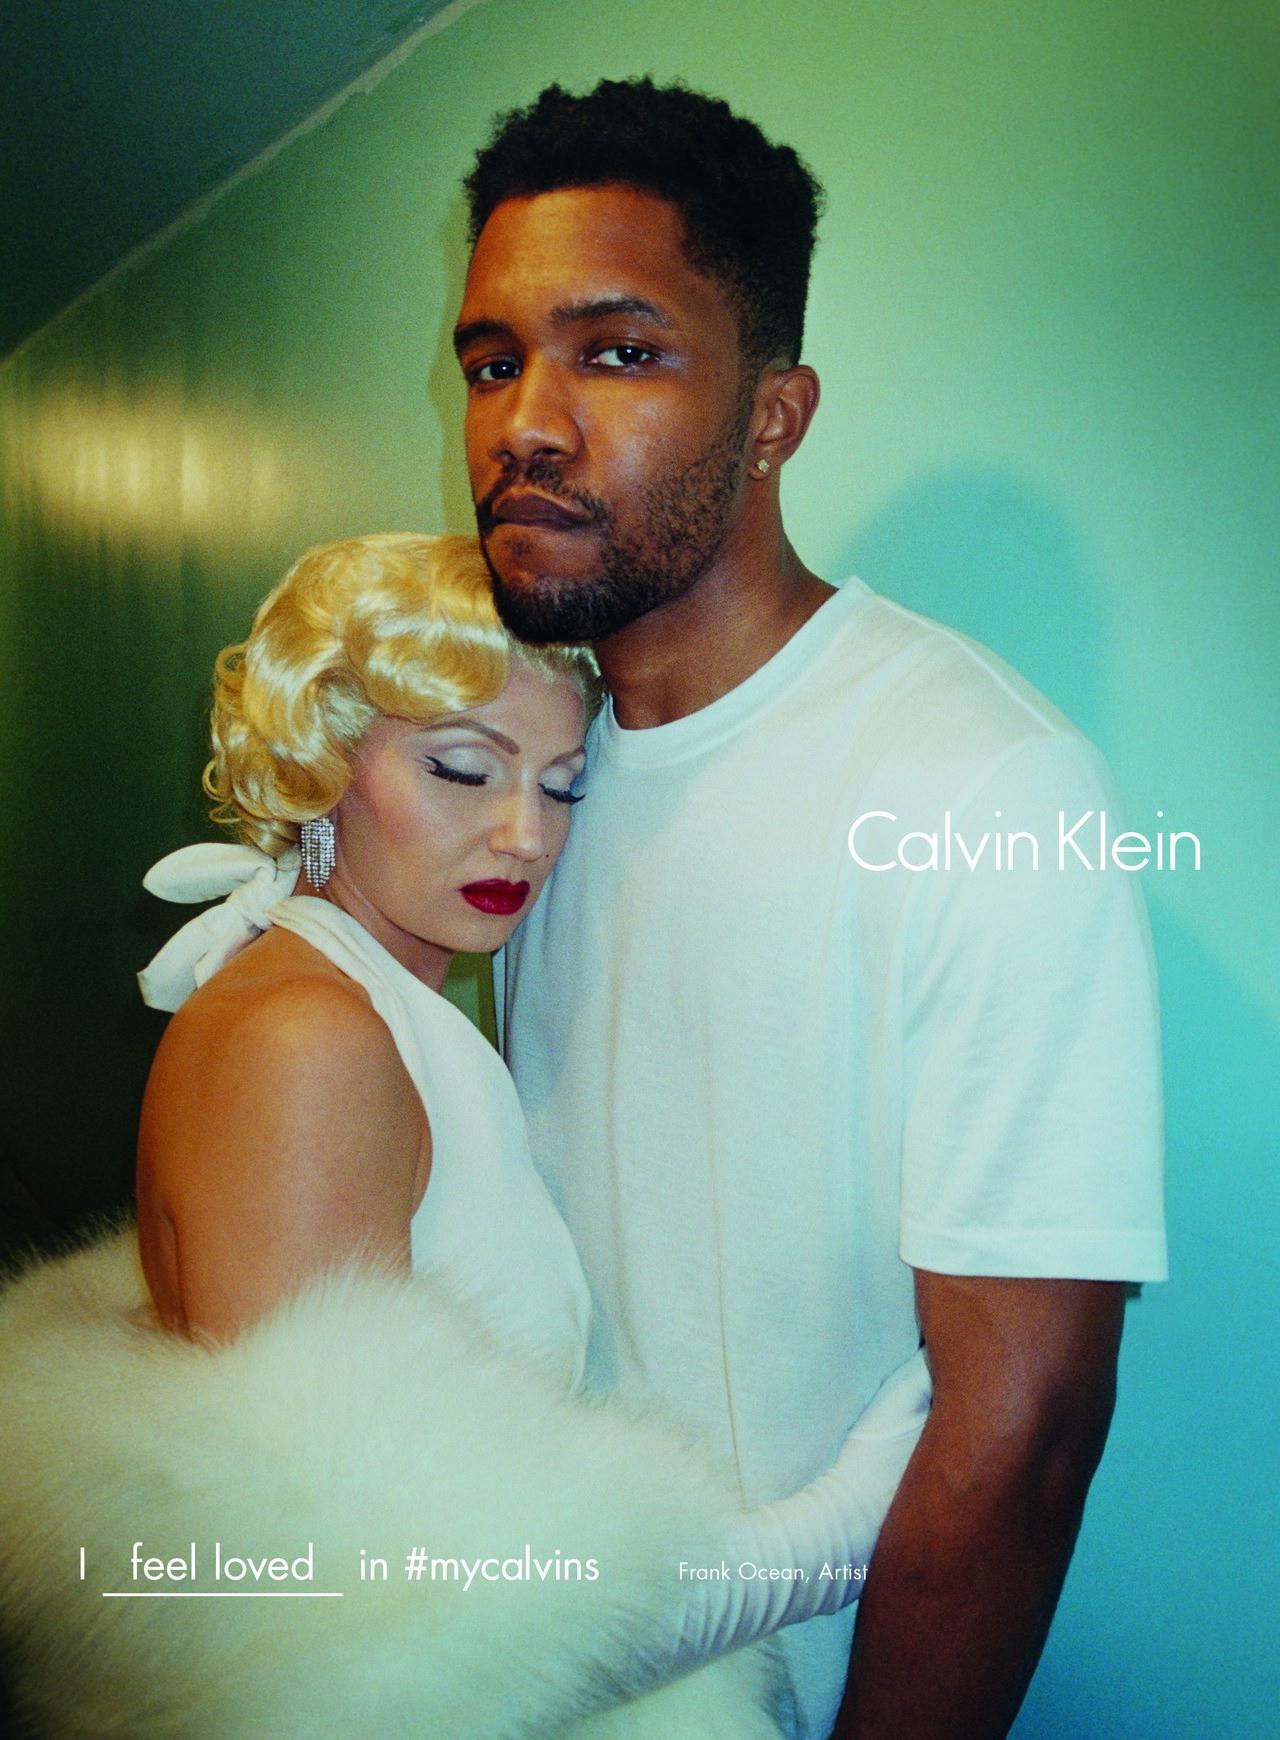 celebrity calvin klein underwear ads frank ocean